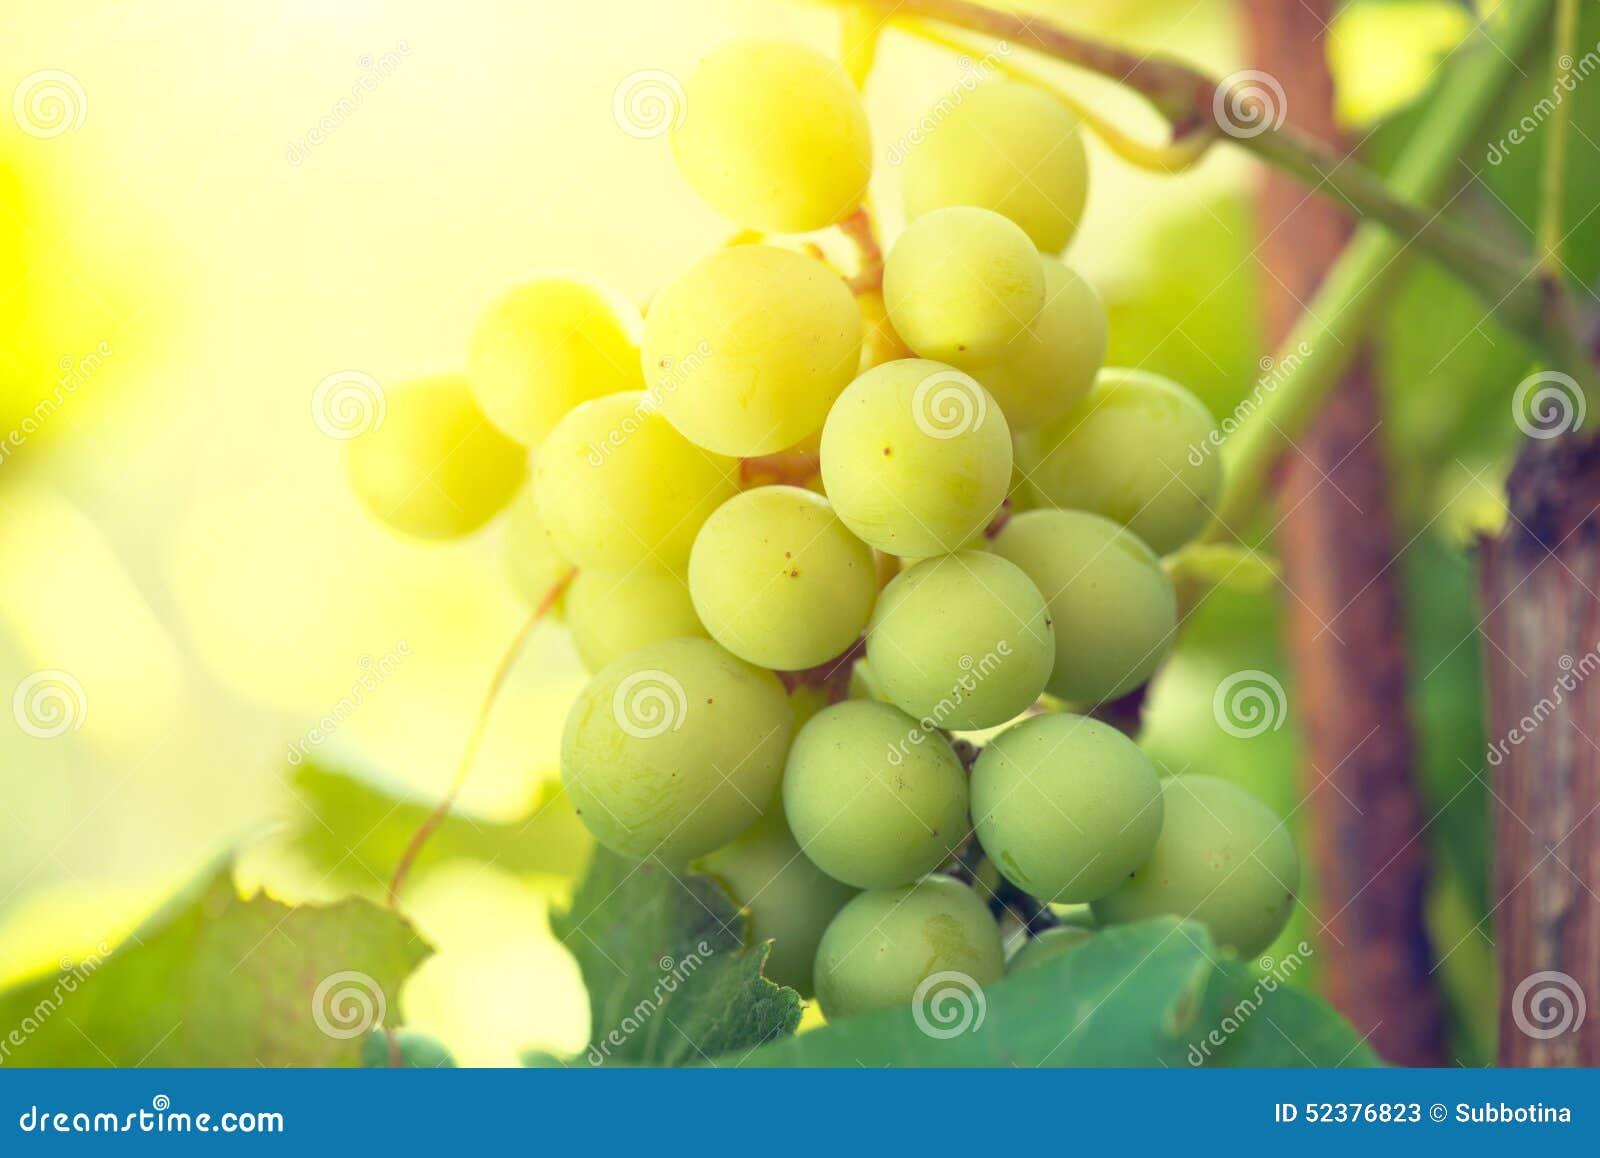 Manojo de uvas en vid